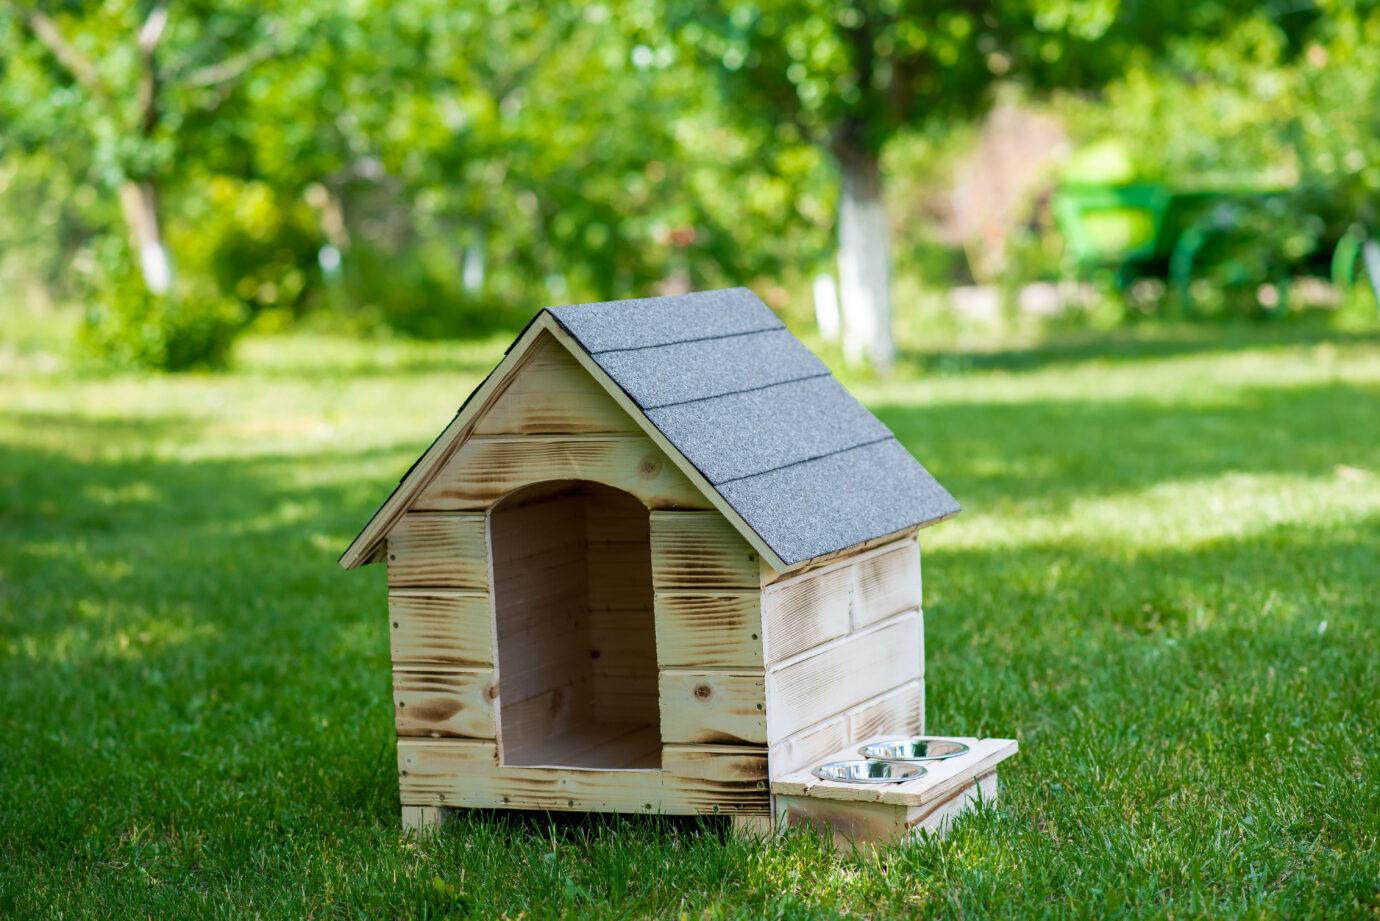 къщи за кучета - като в приказките - йо-йо.бг